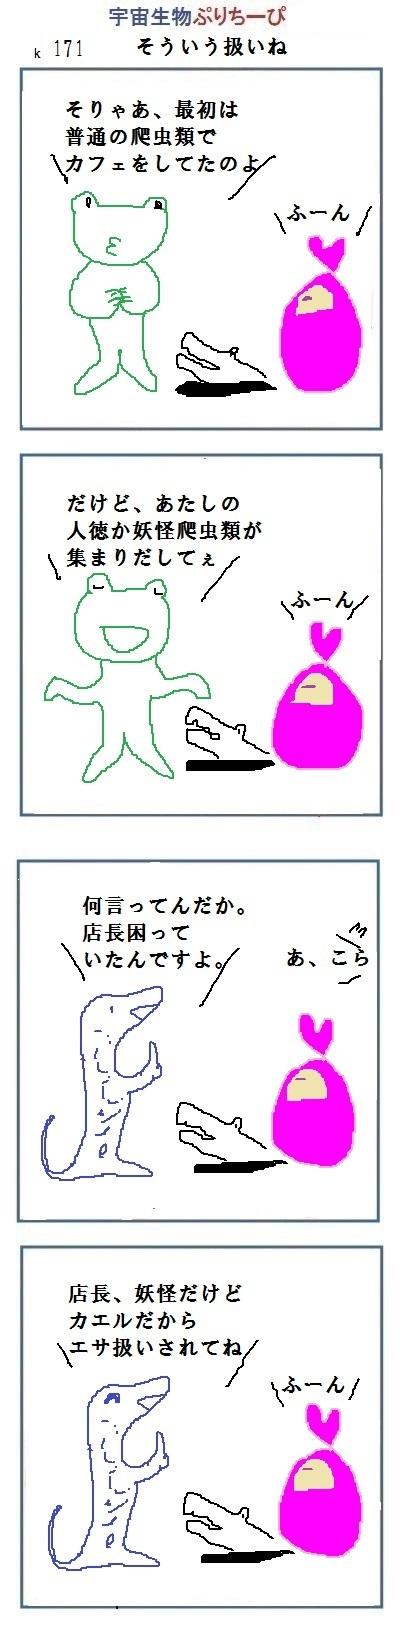 20161108213812875.jpg